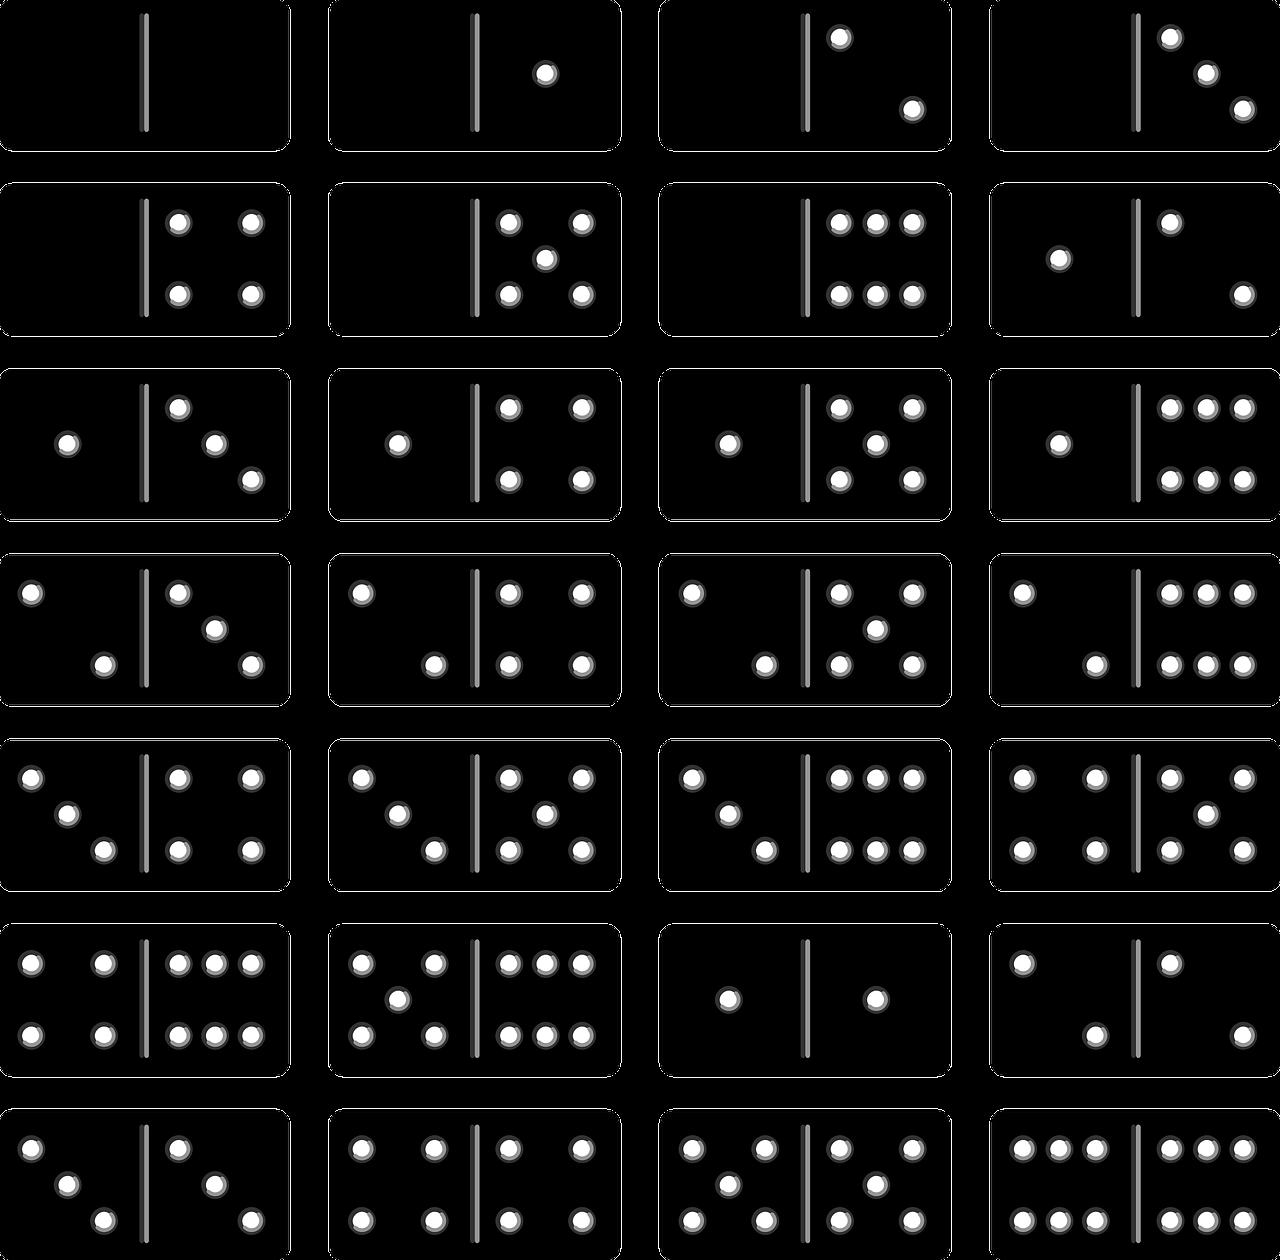 jeu-dominos-complet.png